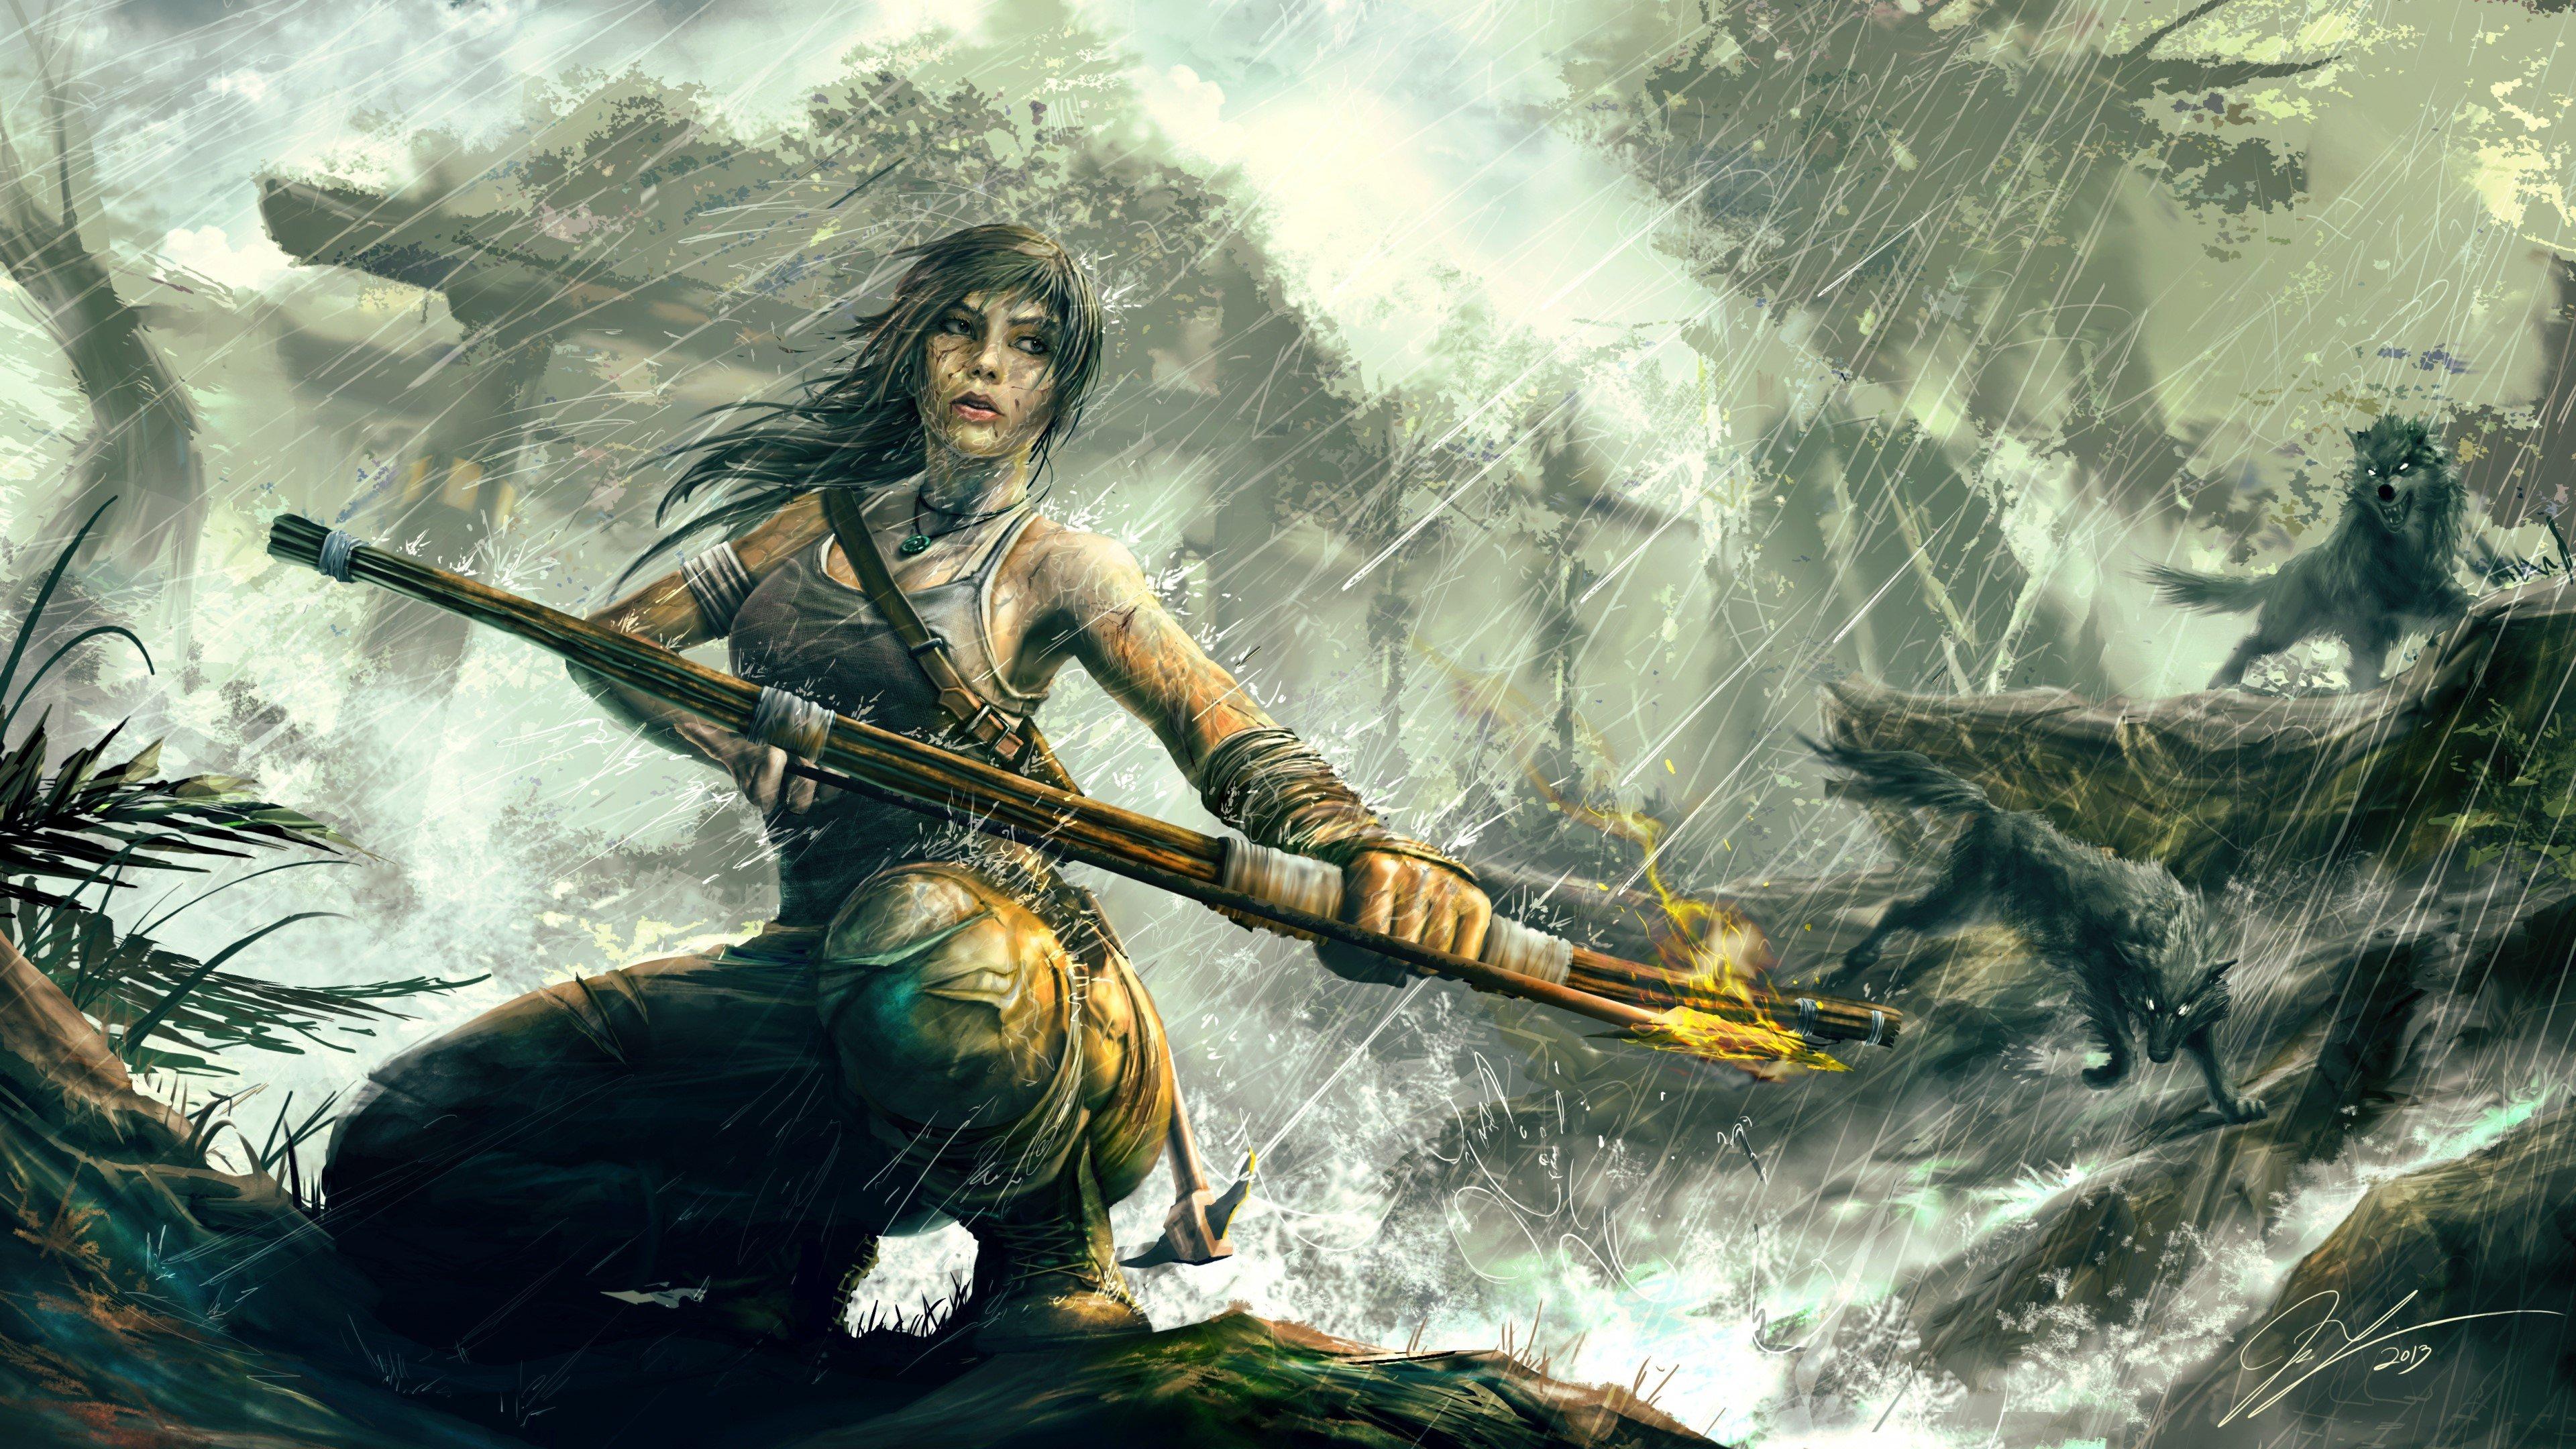 Fondo de pantalla de Tomb Raider Reborn Lara Croft Art Imágenes